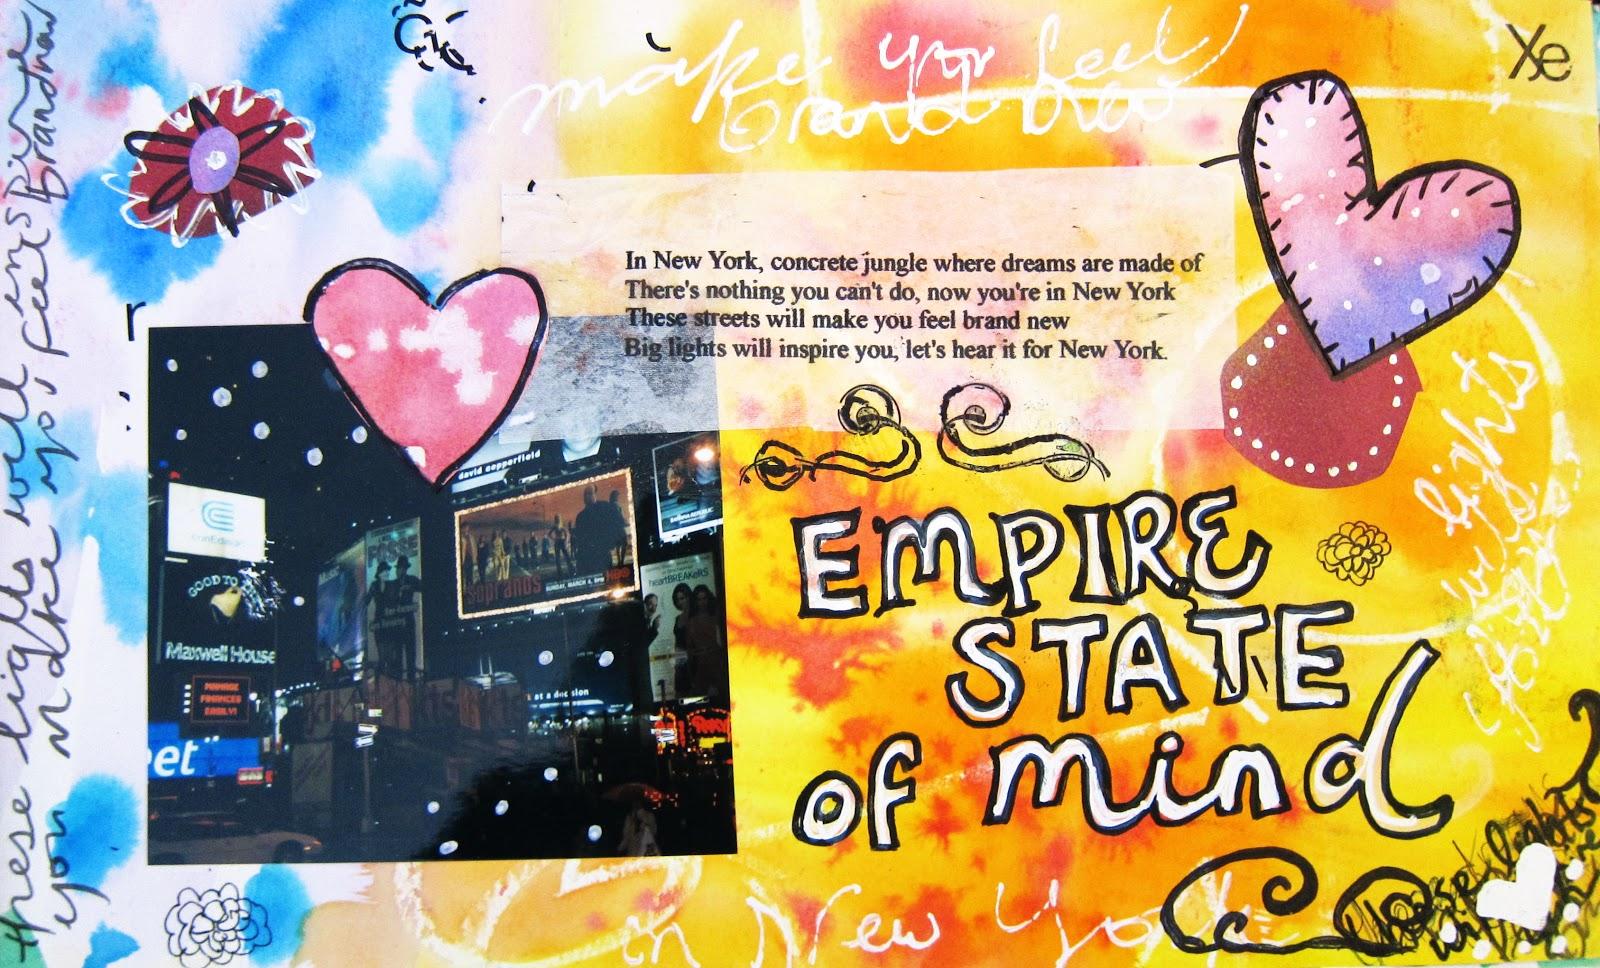 http://3.bp.blogspot.com/-lioWX2Waf4w/UN3mbF6C9mI/AAAAAAAAJGc/TDb2tBIn9PA/s1600/empire+state+of+mind.jpg